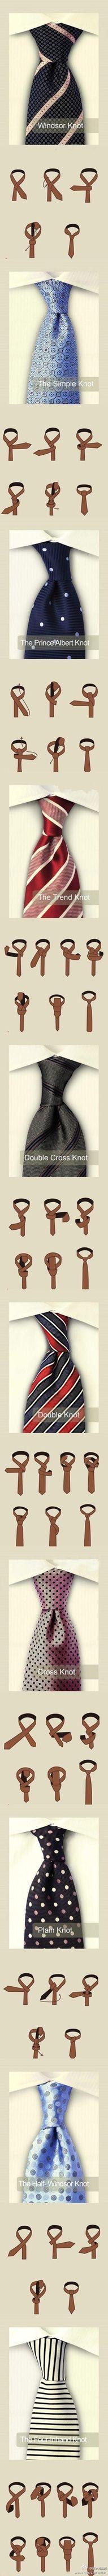 So I can teach him how to tie a tie!: Idea, Tie Tying, Tie A Tie, Necktie, Tie Knots, Boy